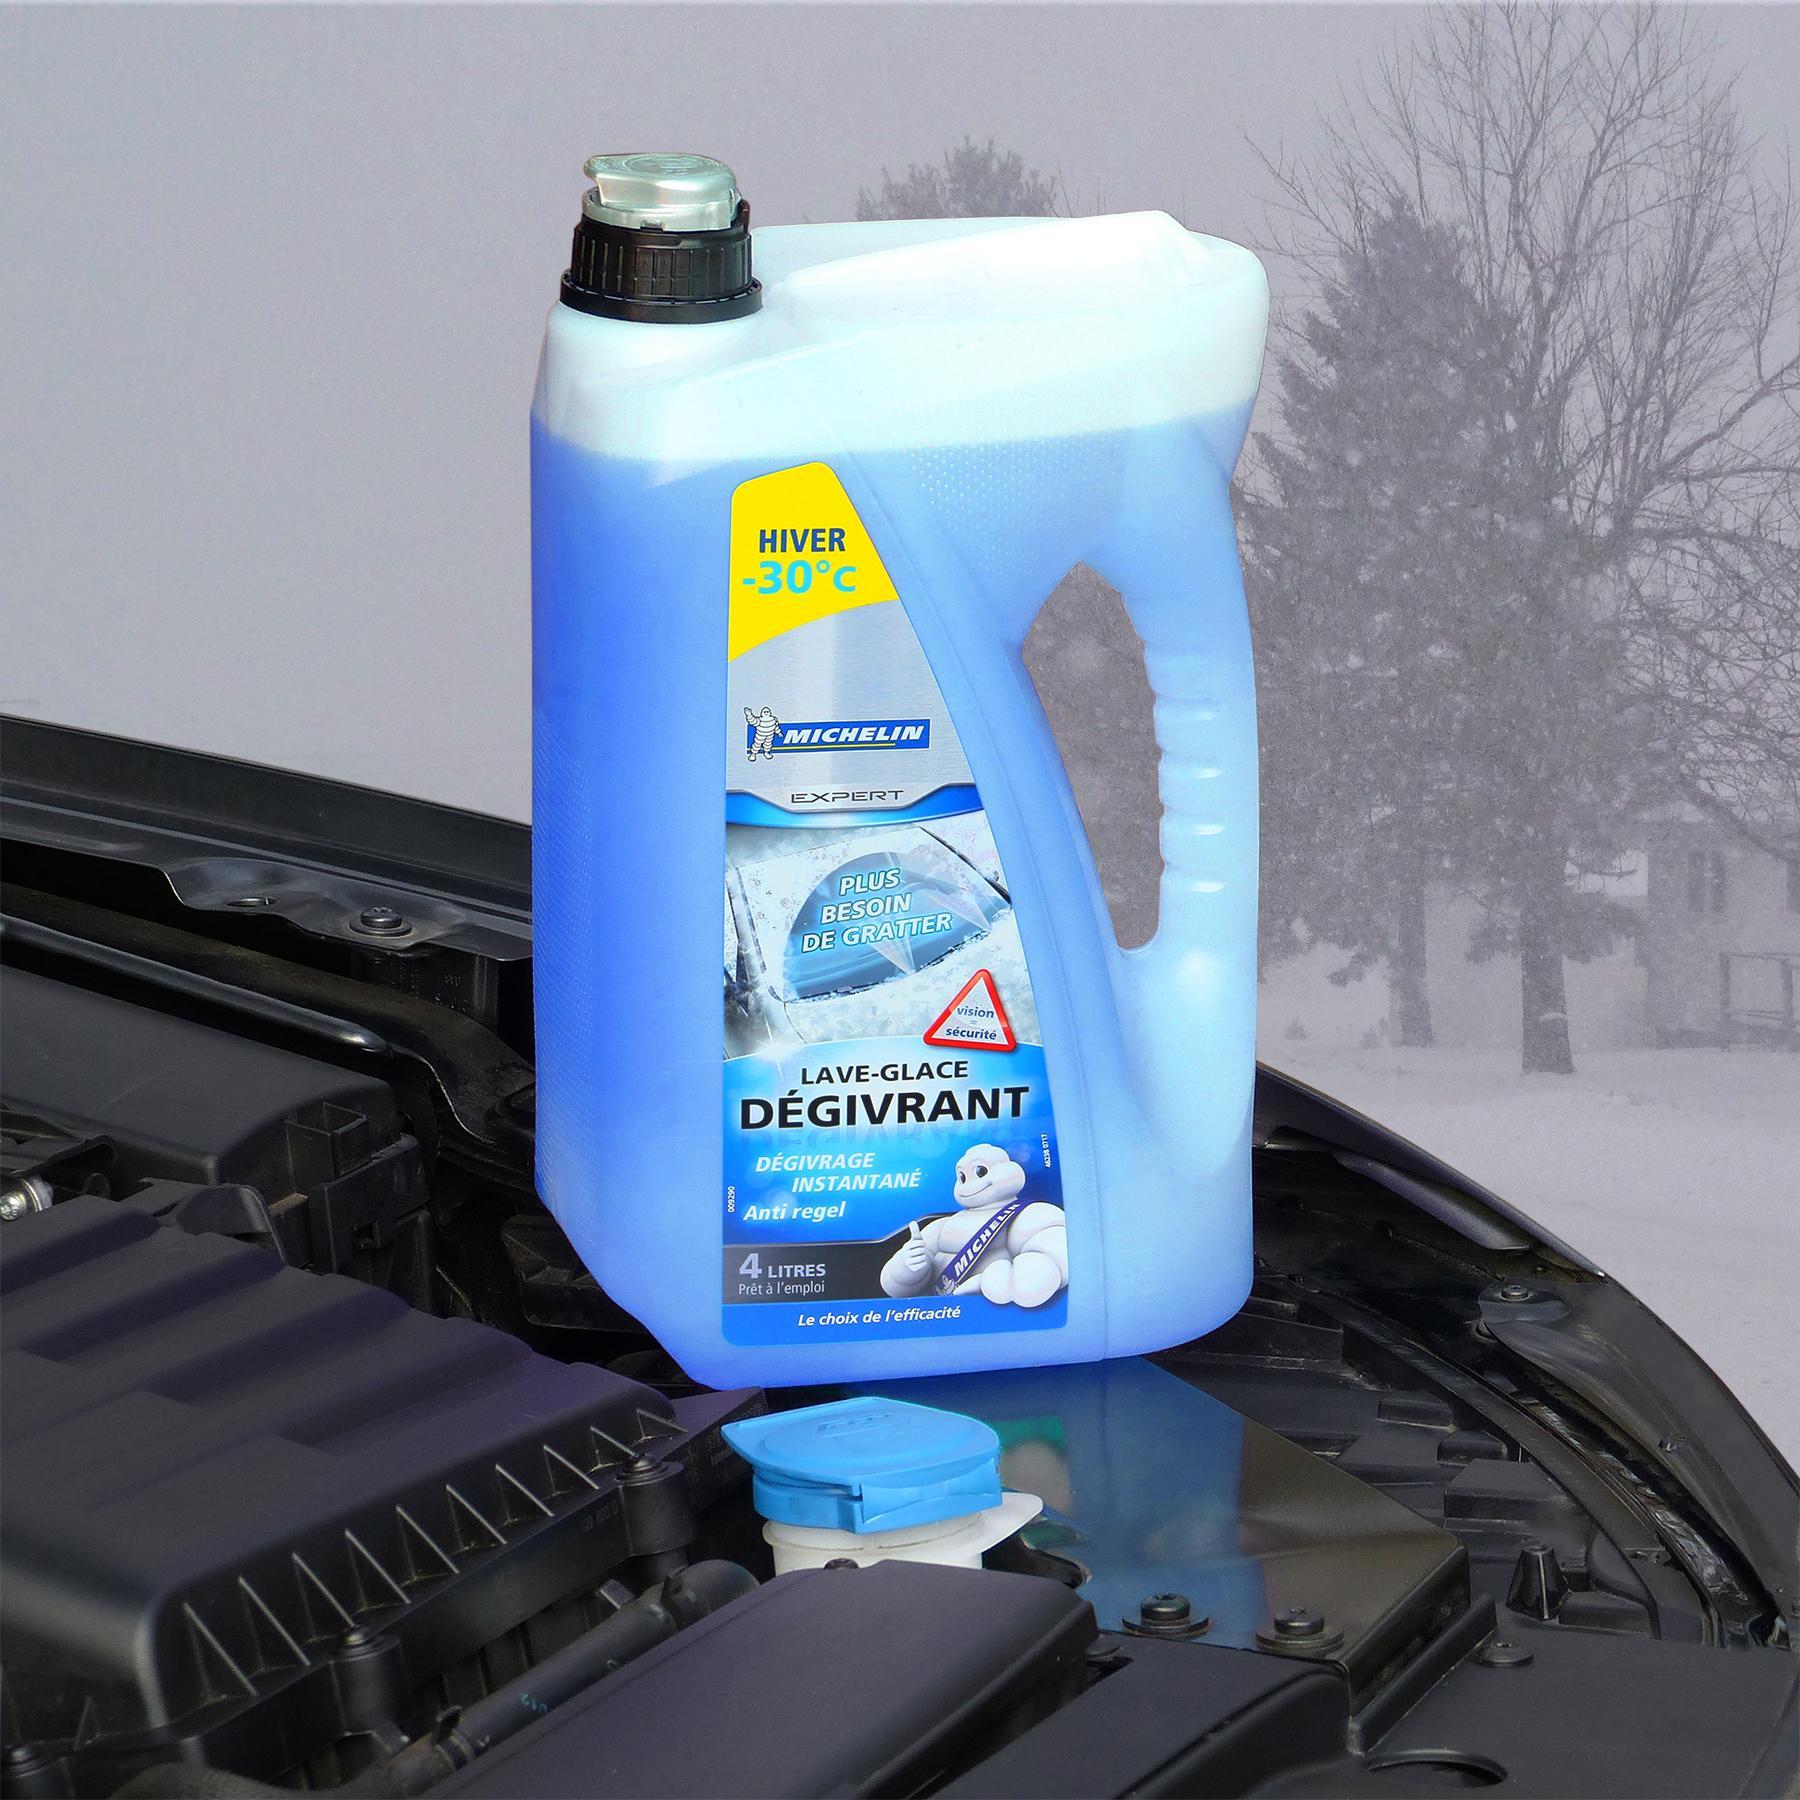 Enteiser-Spray Michelin 009290 Bewertung